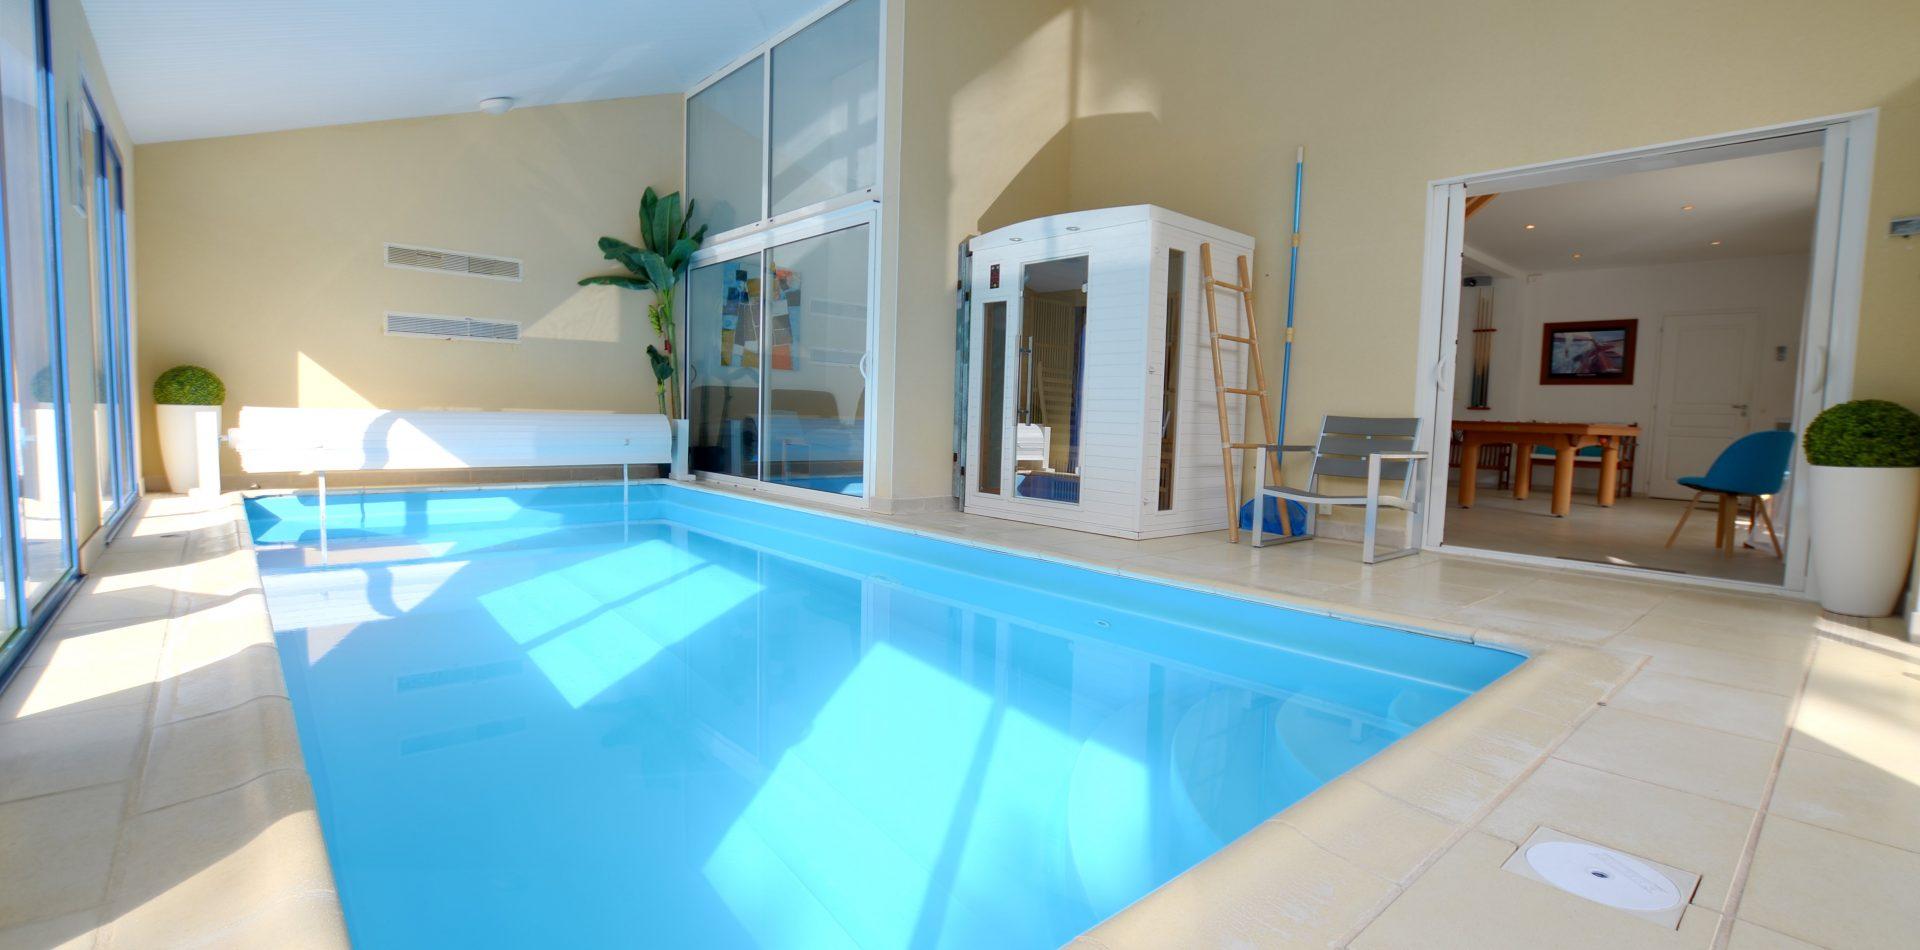 Villa Eden – Maison De Vacances***** En Vendée Avec Piscine ... tout Maison Piscine Intérieure